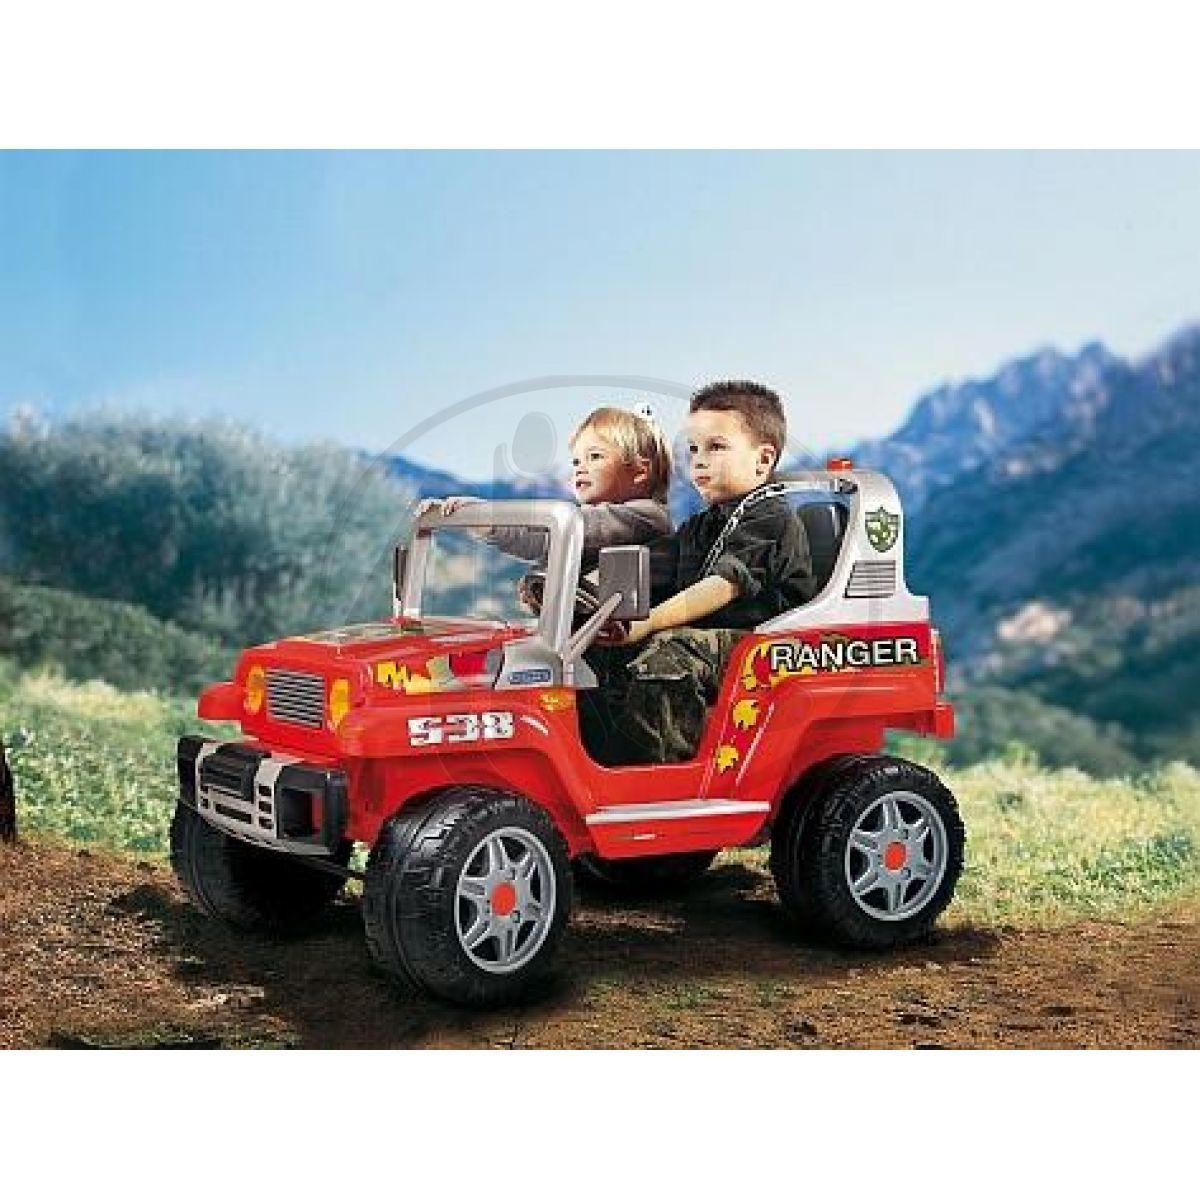 электромобиль peg perego ranger 538 #5